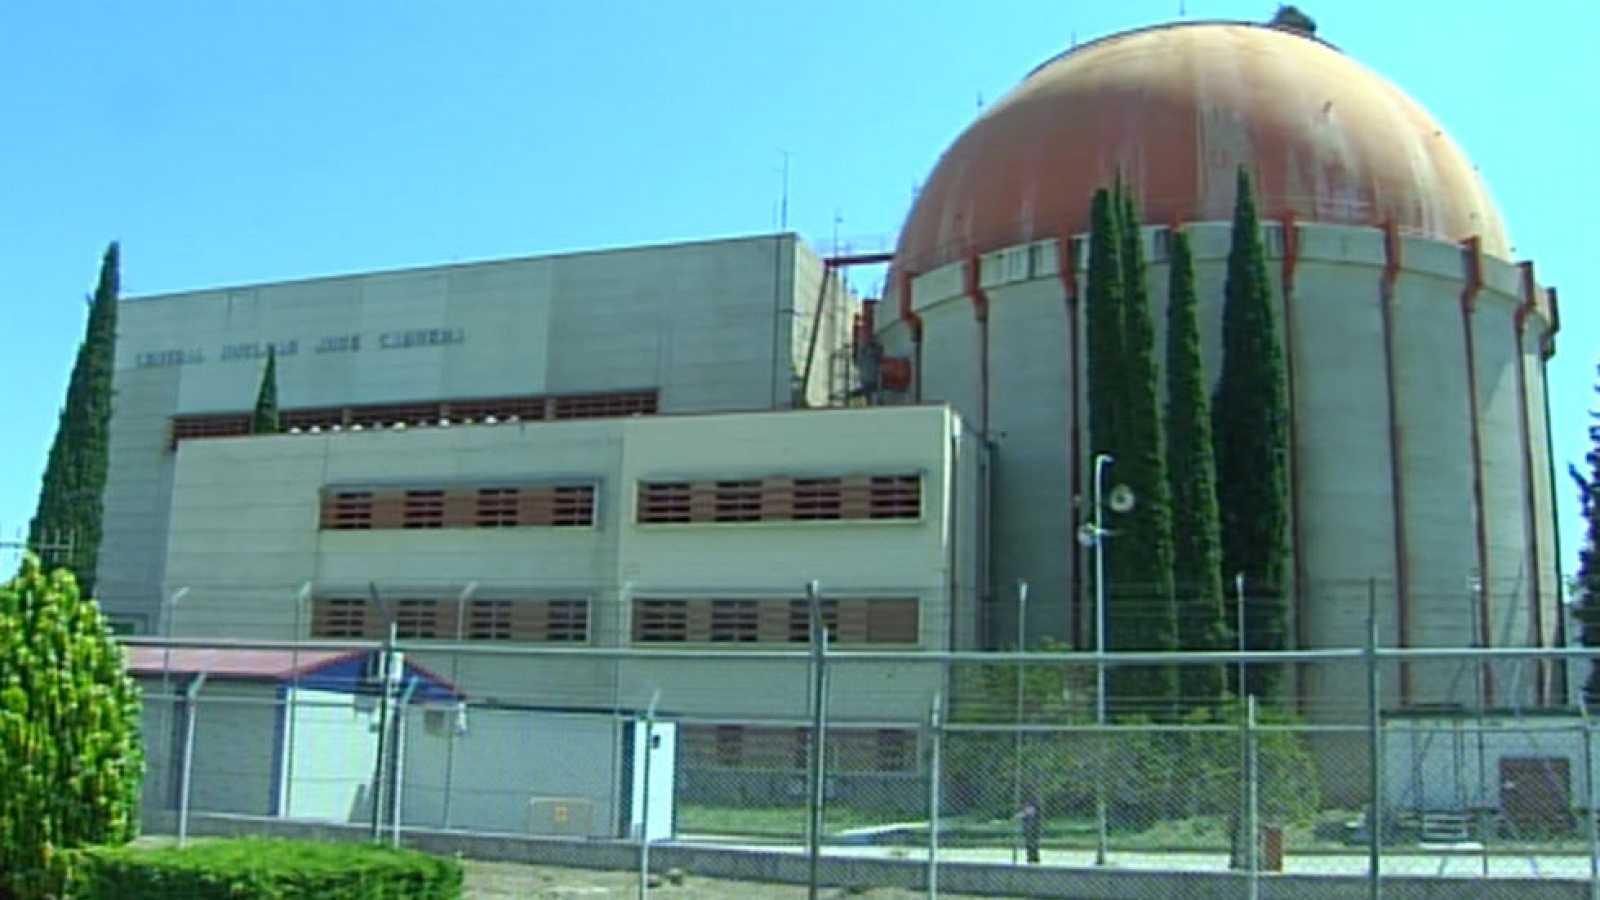 El desmantelamiento de la central nuclear de Zorita, en Guadalajara, está ya en su última fase